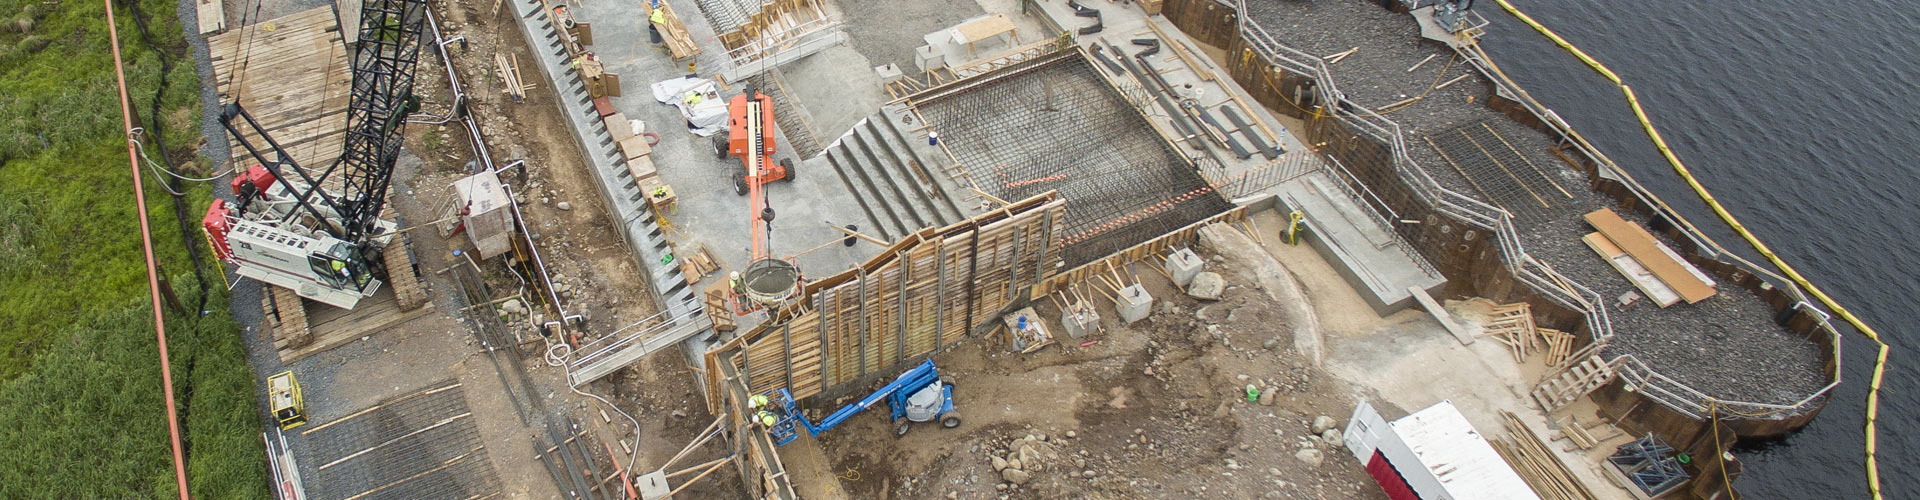 dam construction, labrynth weirs, cellular cofferdams